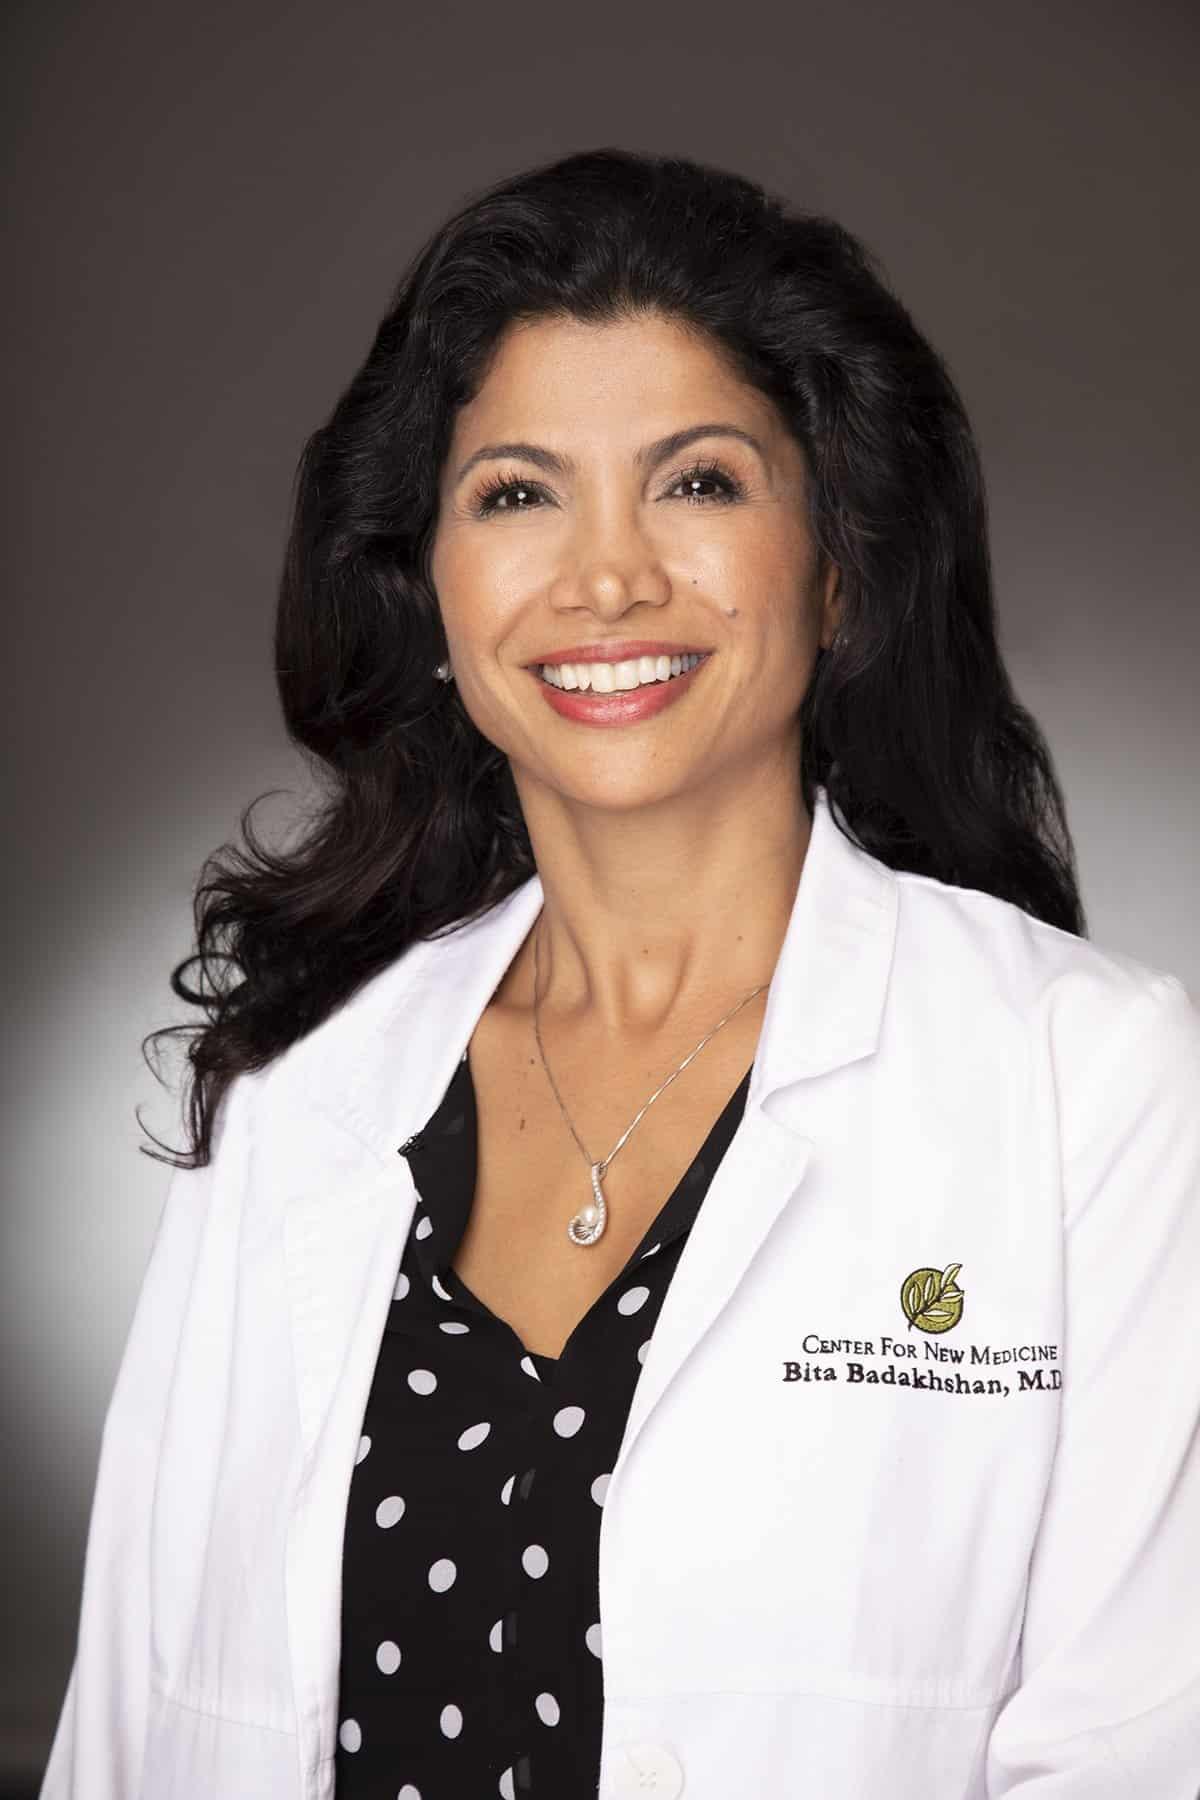 Dr. Bita badakhshan cancer doctor california